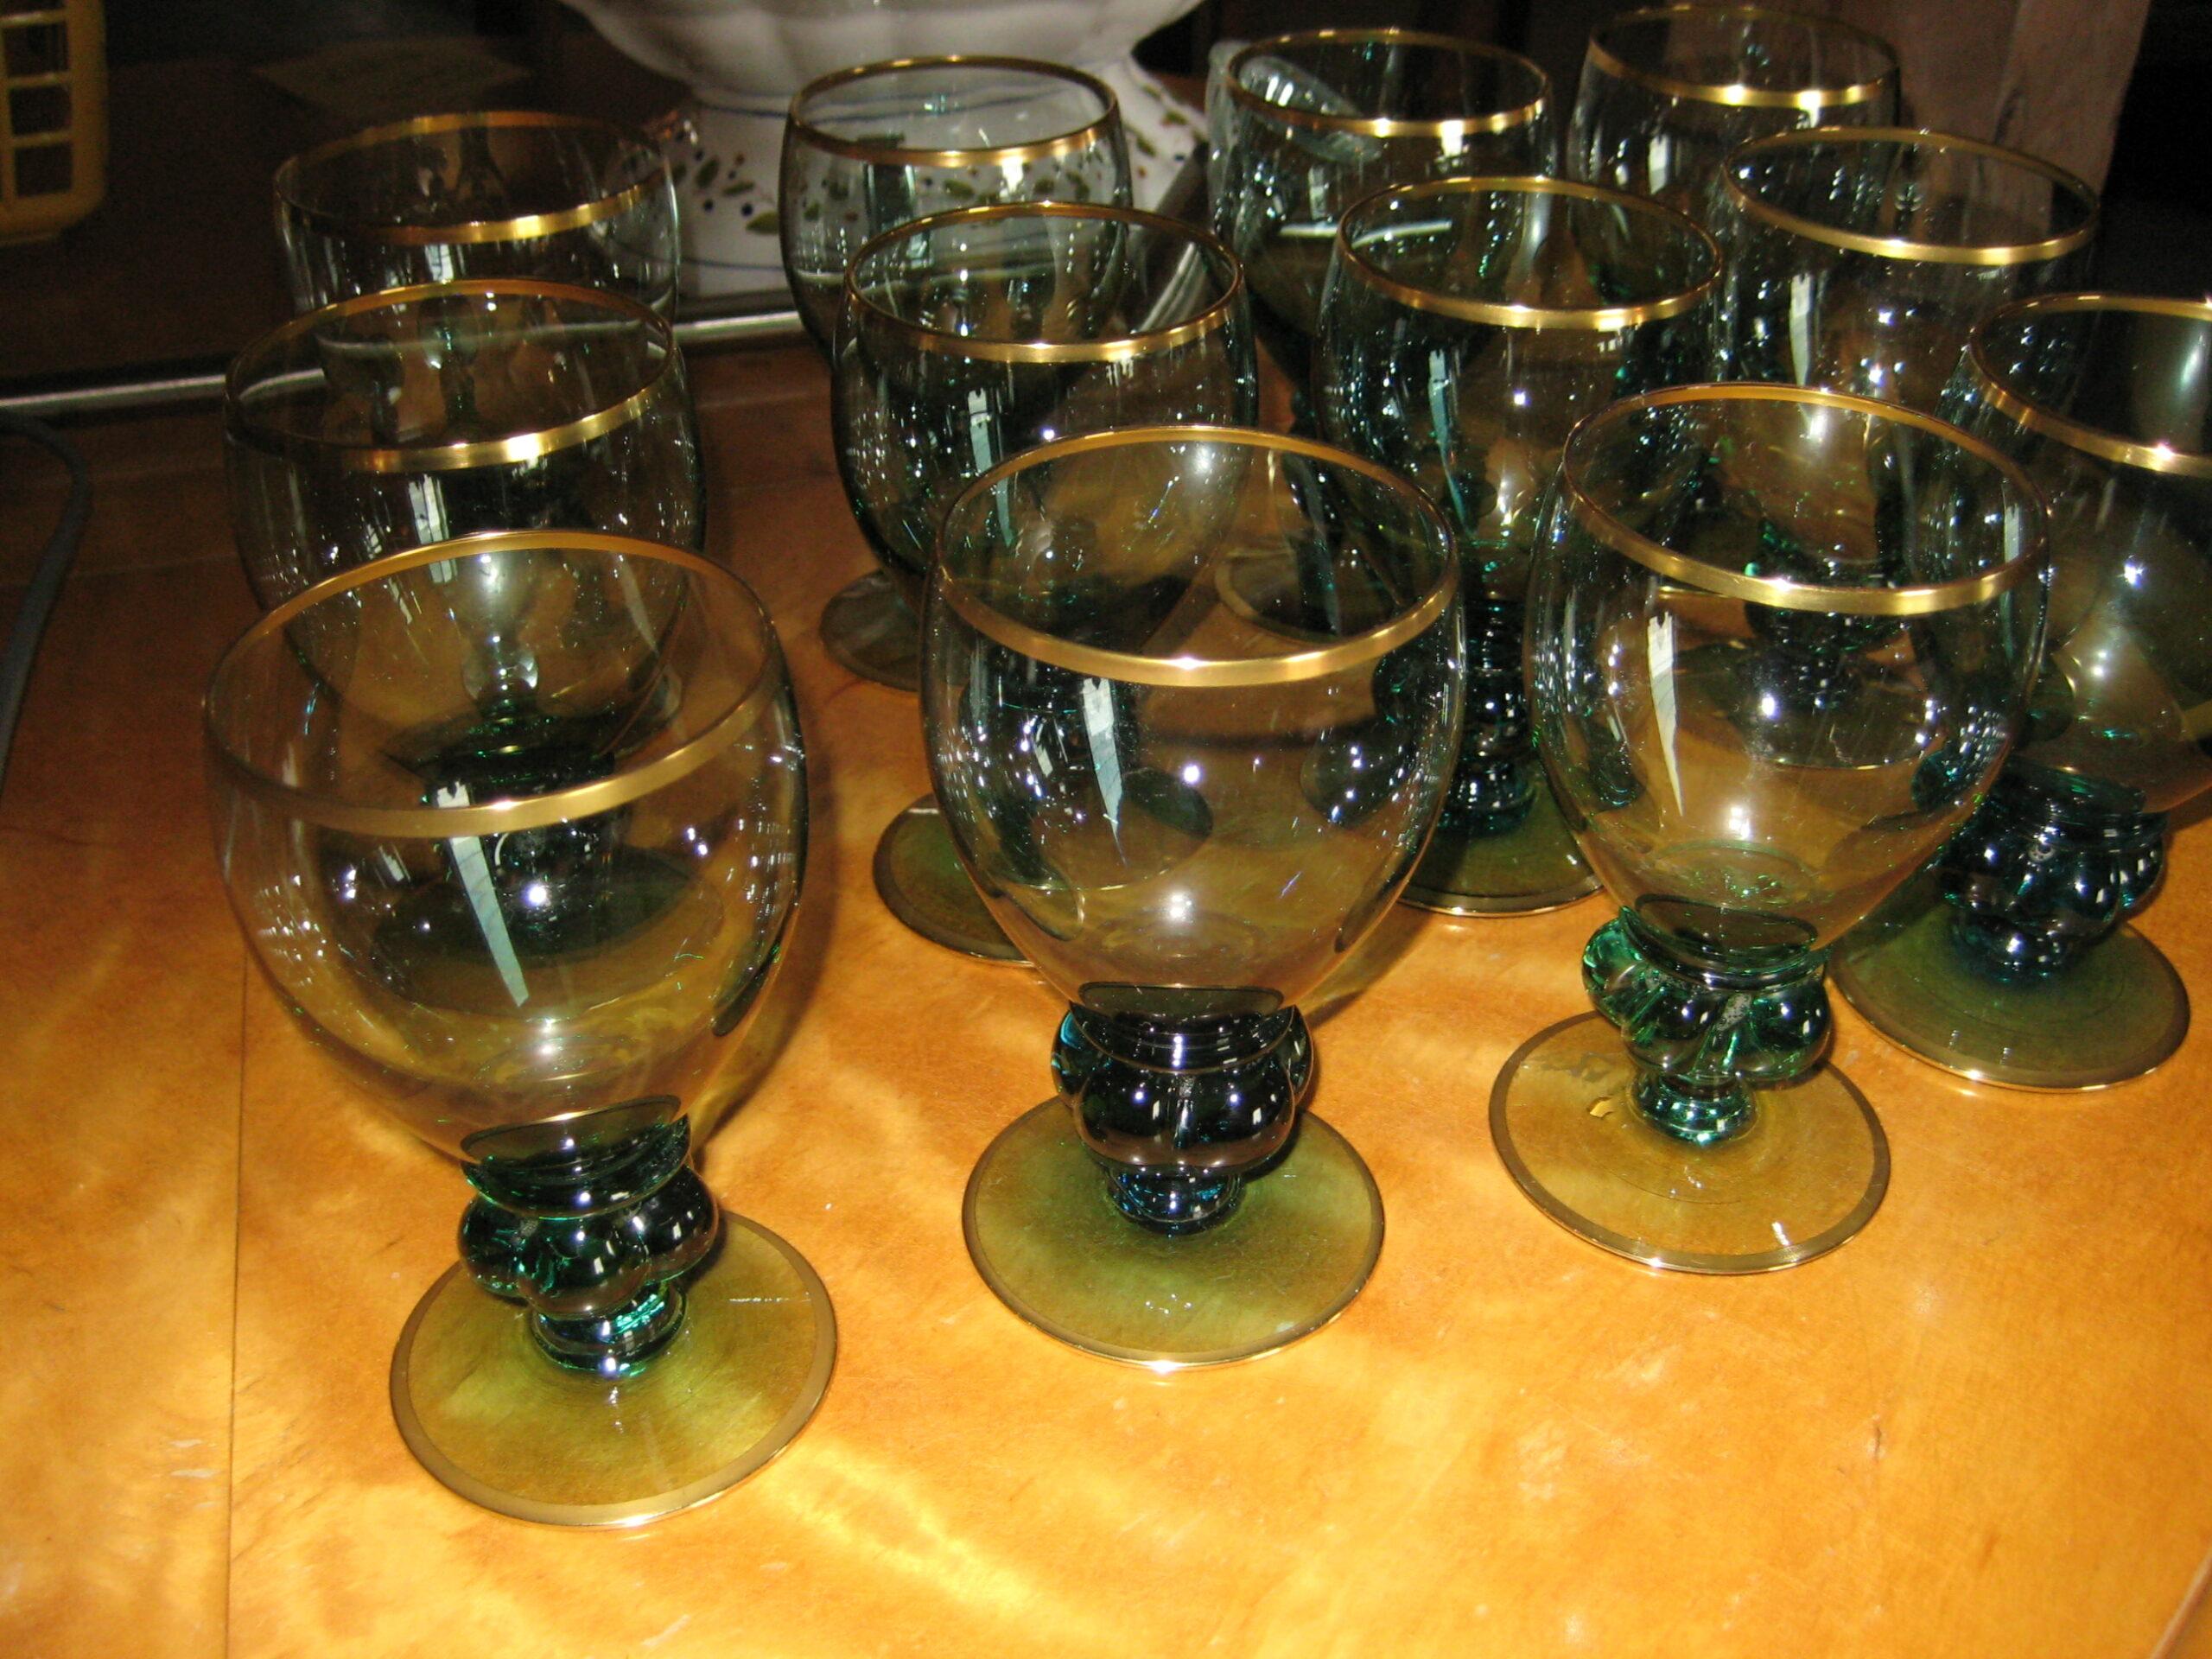 Gisselfeld grønne hvidvinsglas